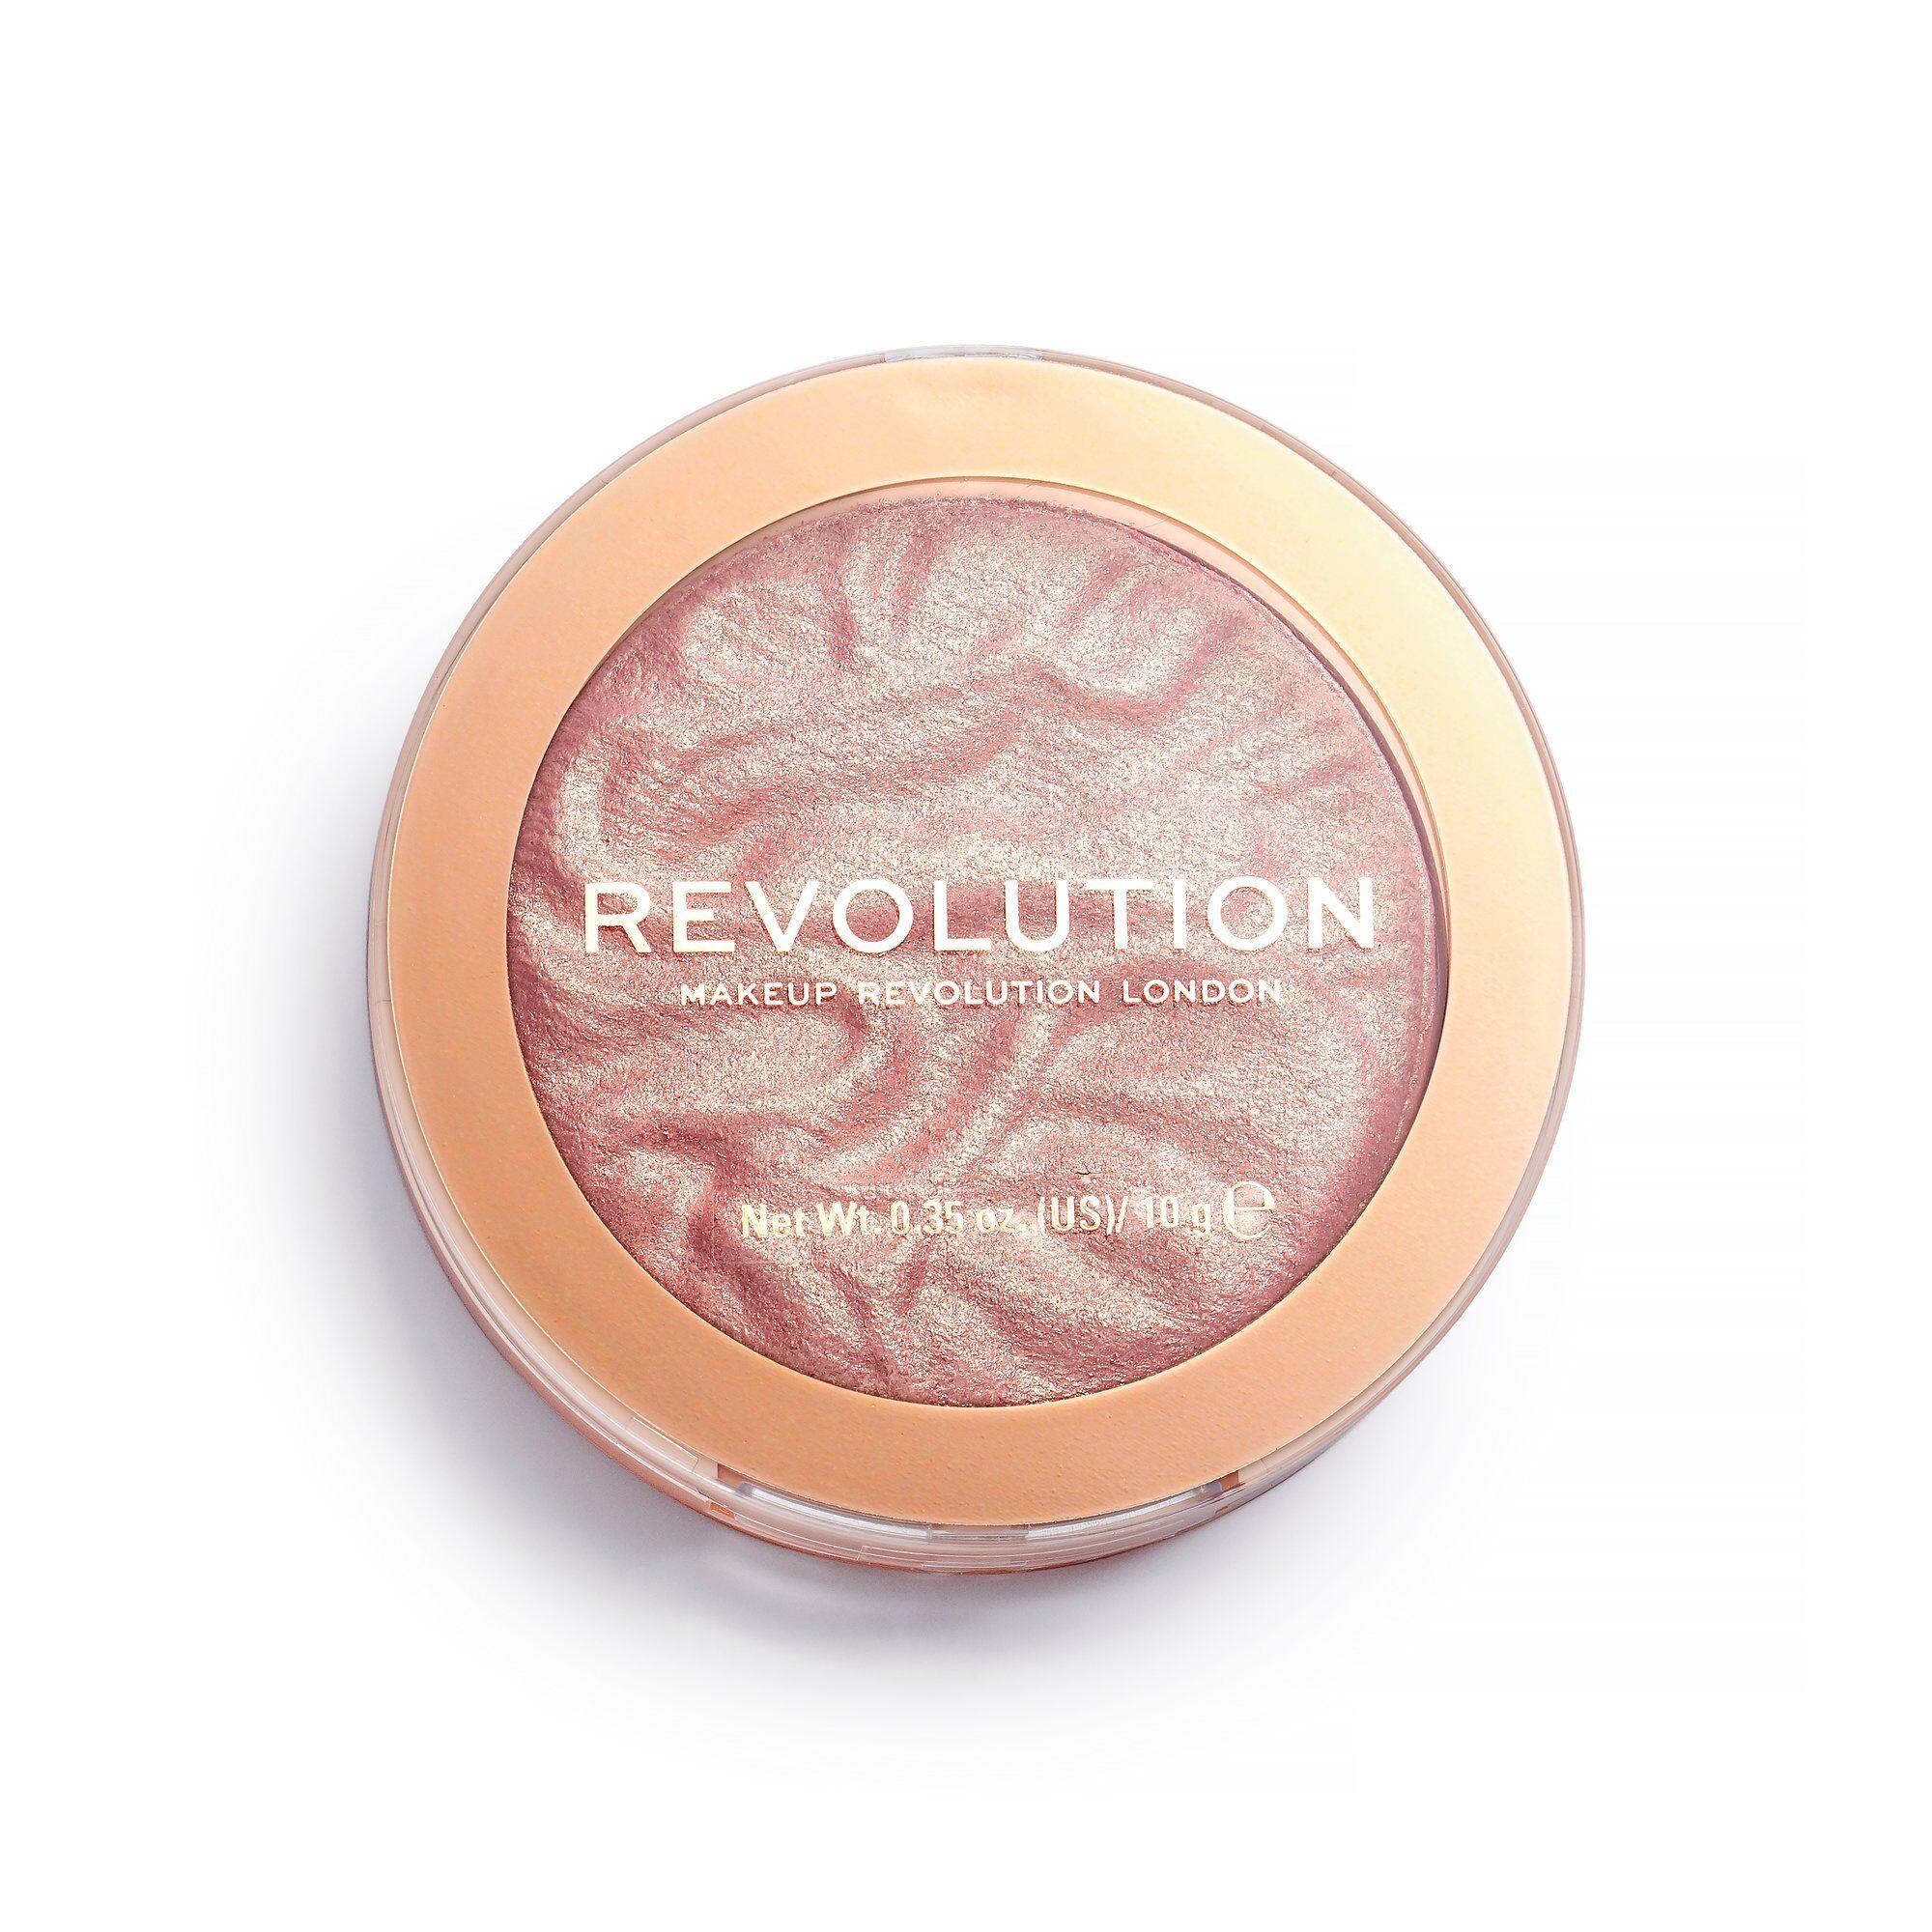 Revolution Highlight Reloaded Make an Impact